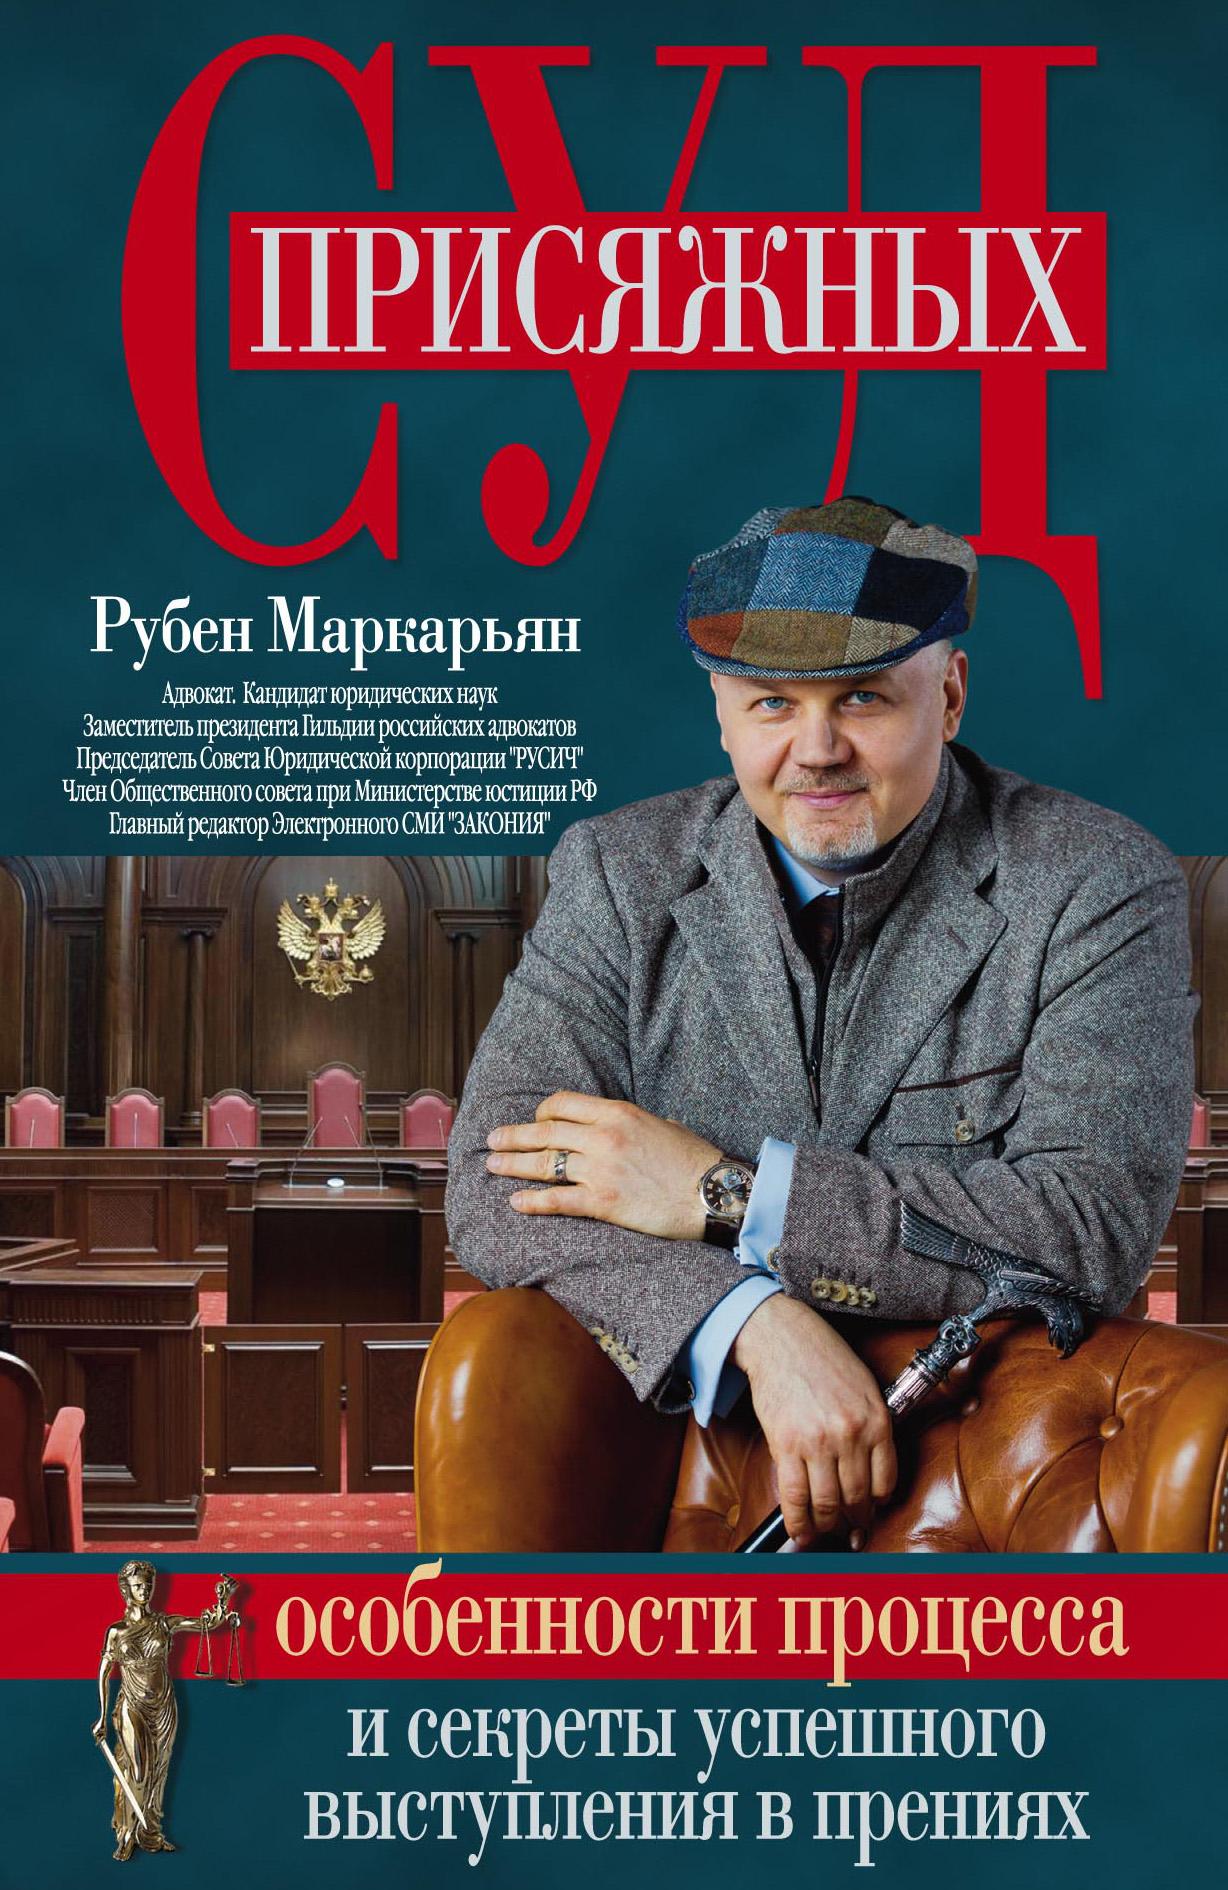 Рубен Маркарьян Суд присяжных. Особенности процесса и секреты успешного выступления в прениях